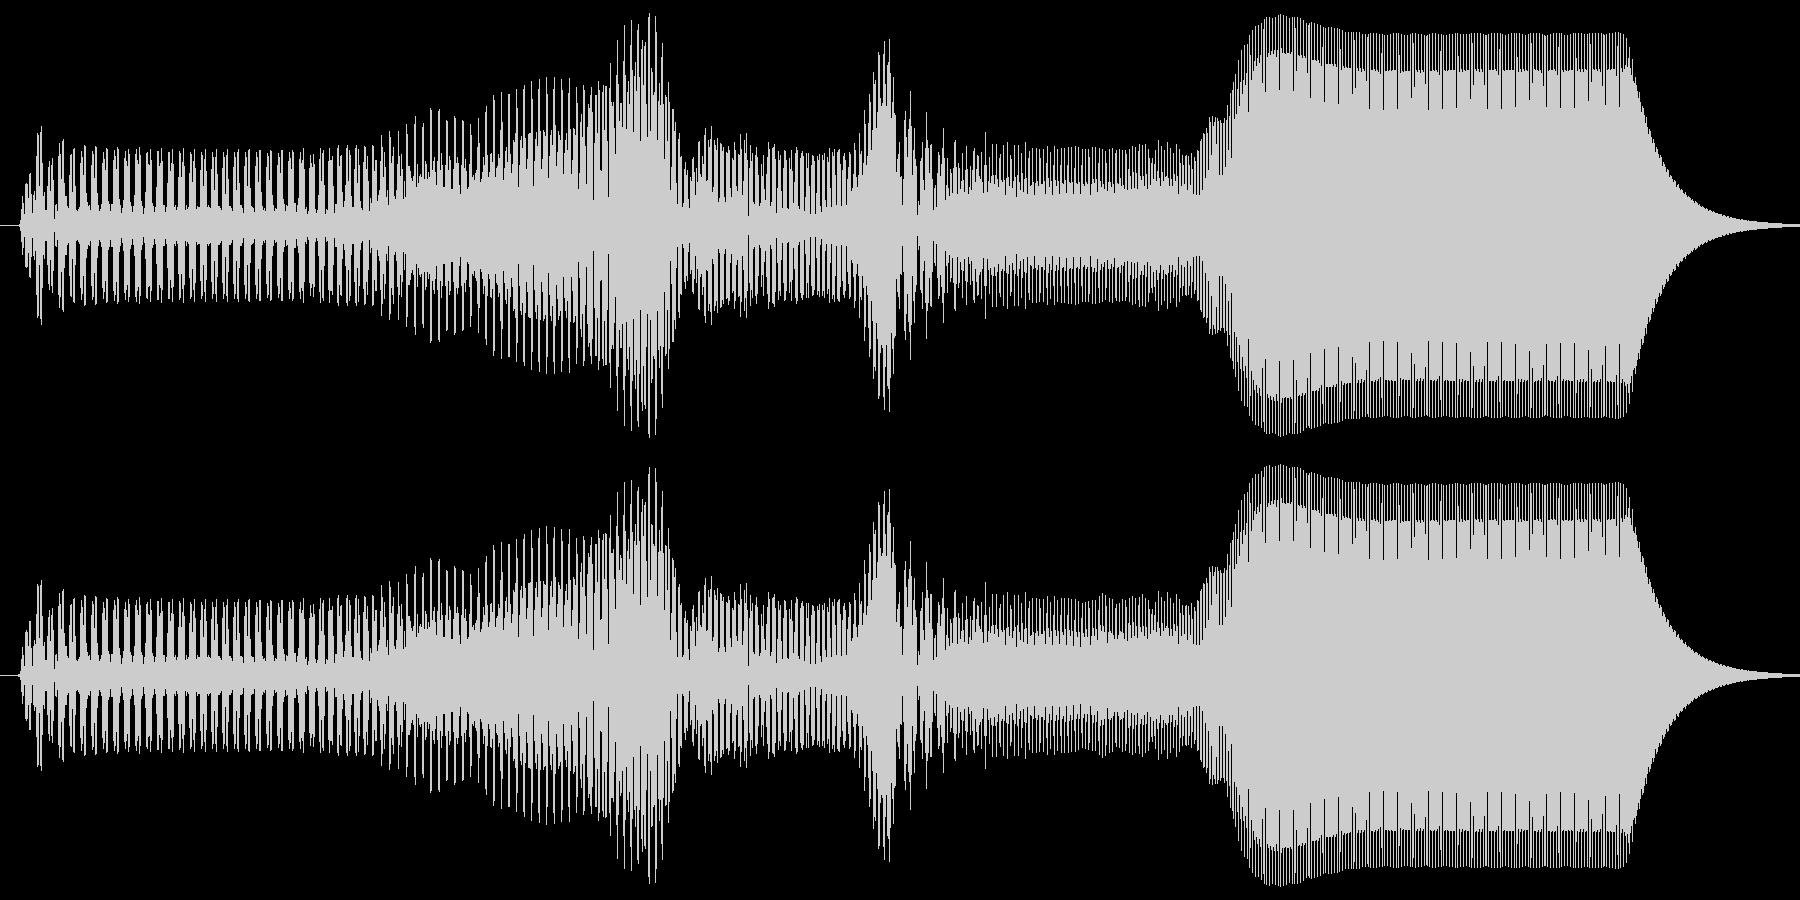 ピュイ。上がる・伸びる音(短)の未再生の波形